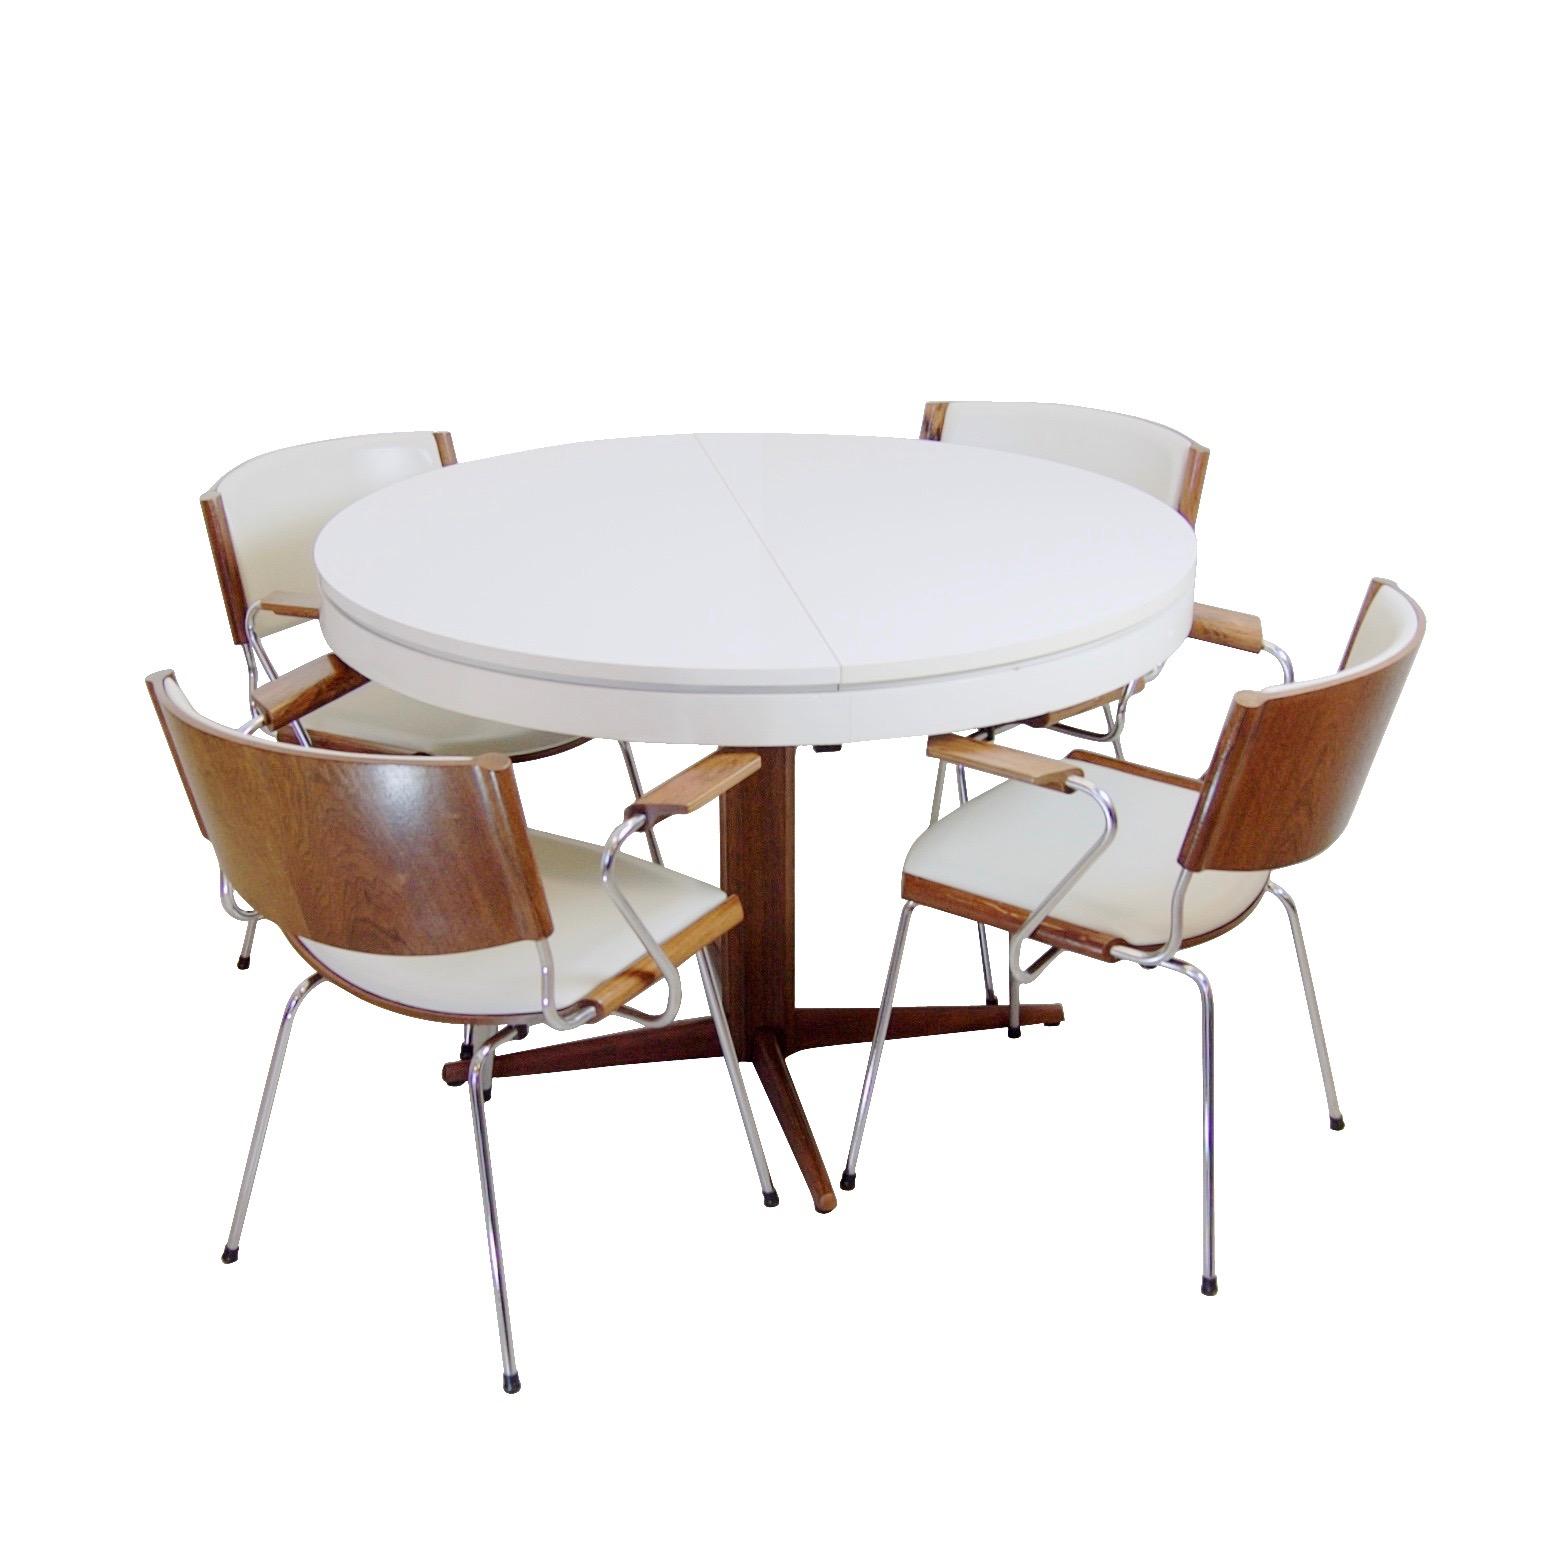 Kleine Eettafel Set.Eettafel Met Stoelen Outlet Stoelen Outlet Goedkope Betaalbare